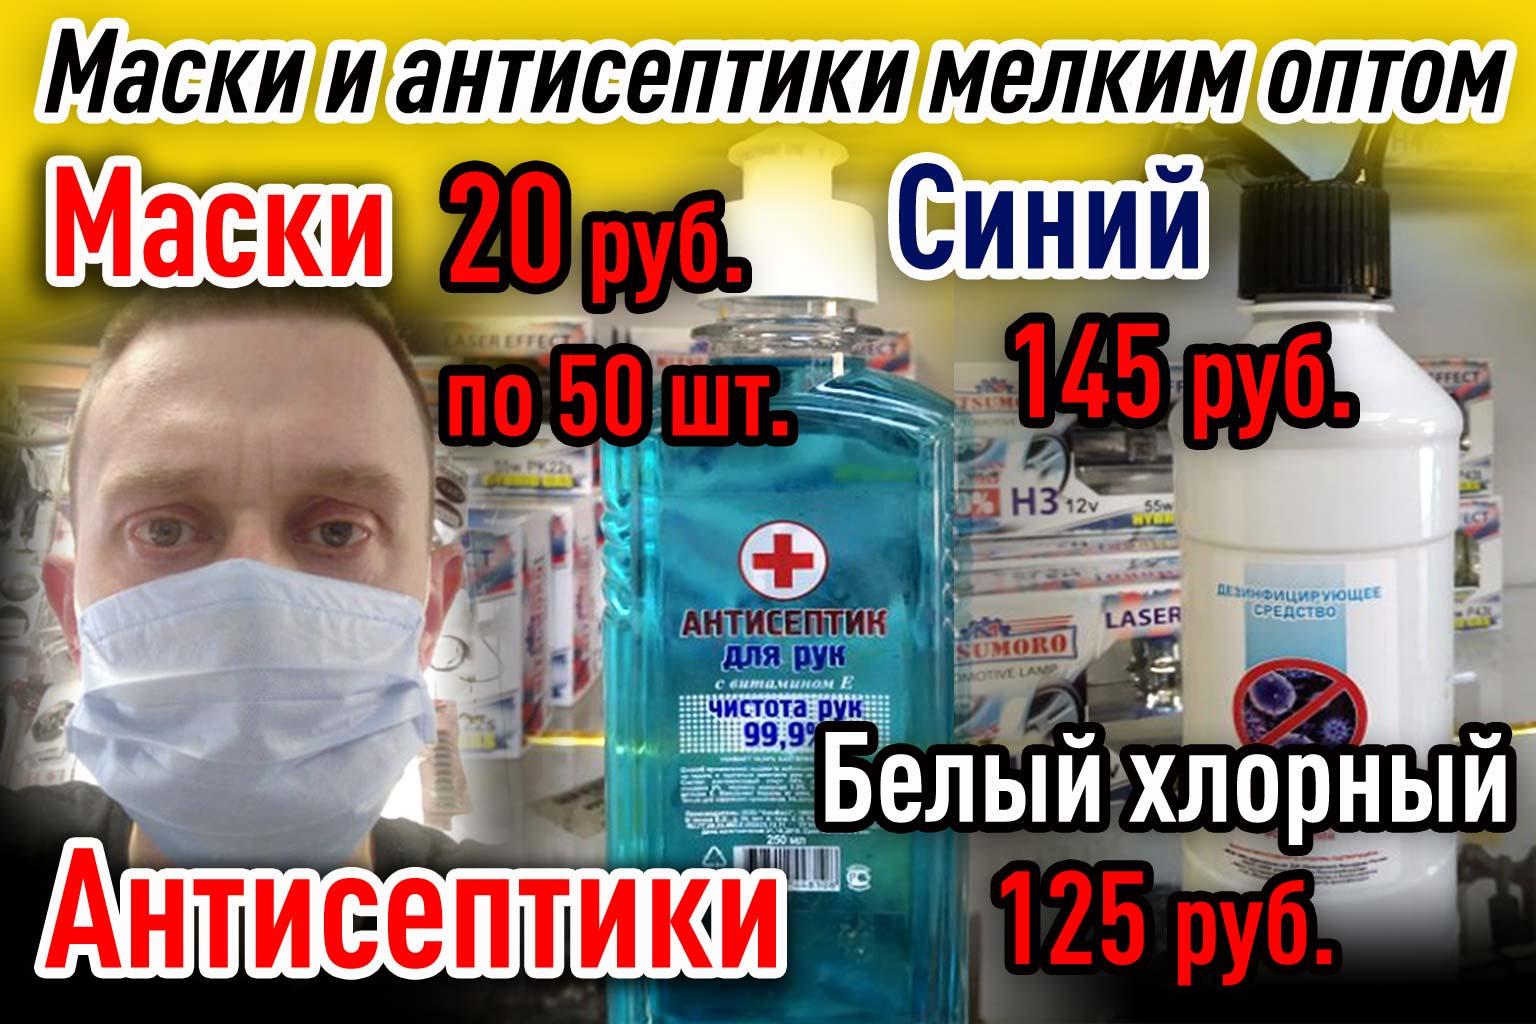 Маски и антисептики купить Воронеж